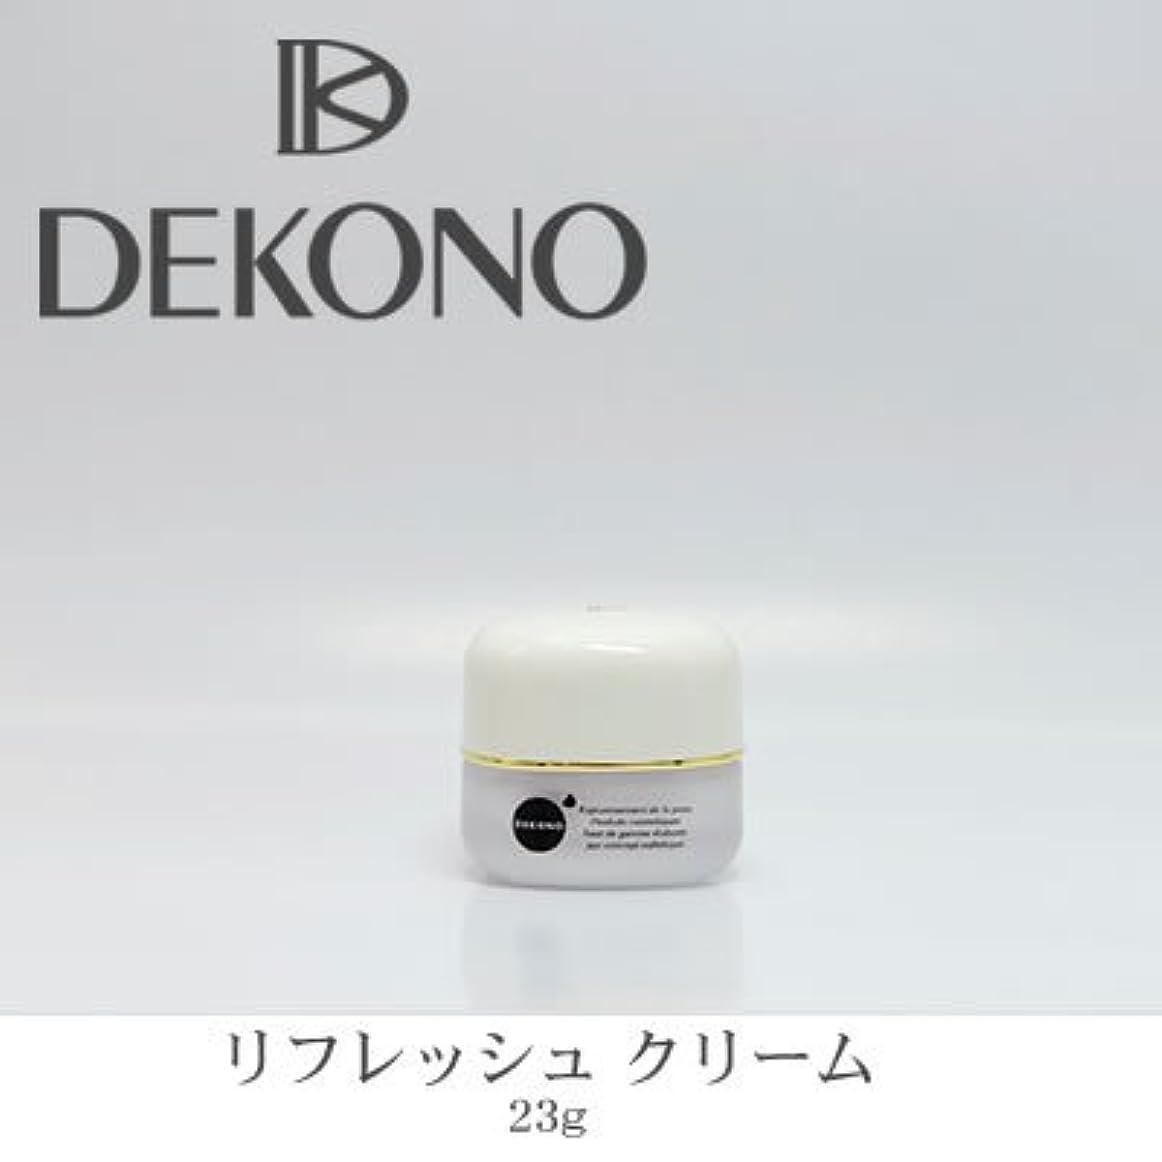 プロフェッショナル自我抱擁DEKONO ディコーノ リフレッシュ クリーム 23g